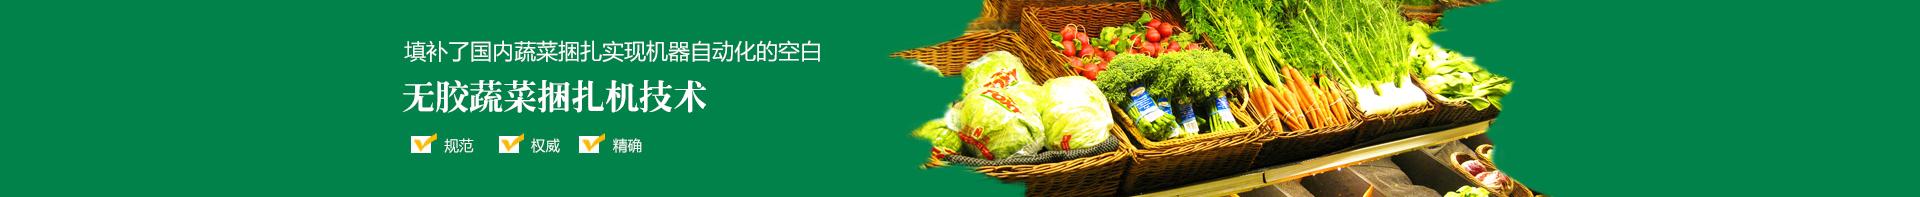 西安蔬菜bwin